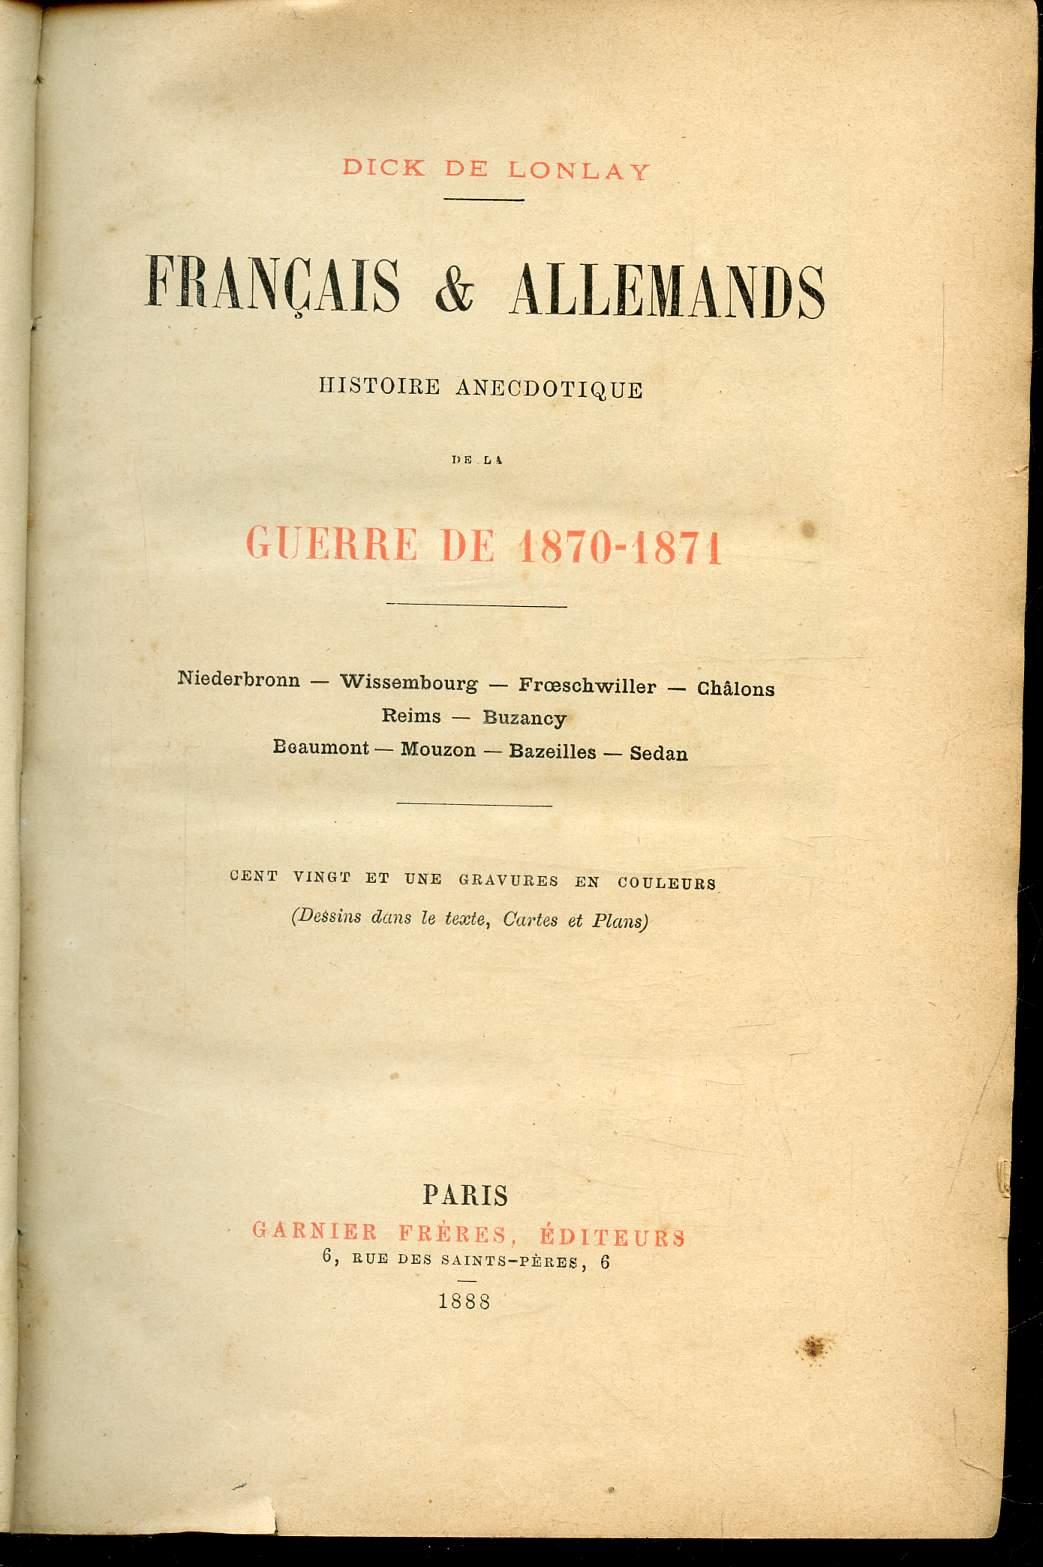 FRANCAIS ET ALLEMANDS - HISTOIRE ANECDOTIQUE DE LA GUERRE DE 1870-1871 - Niederbronn - Wissembourg - Froeschwiller- Châlons - Reims - Buzancy - Beaumont - Mouzon - Bazeilles - Sedan